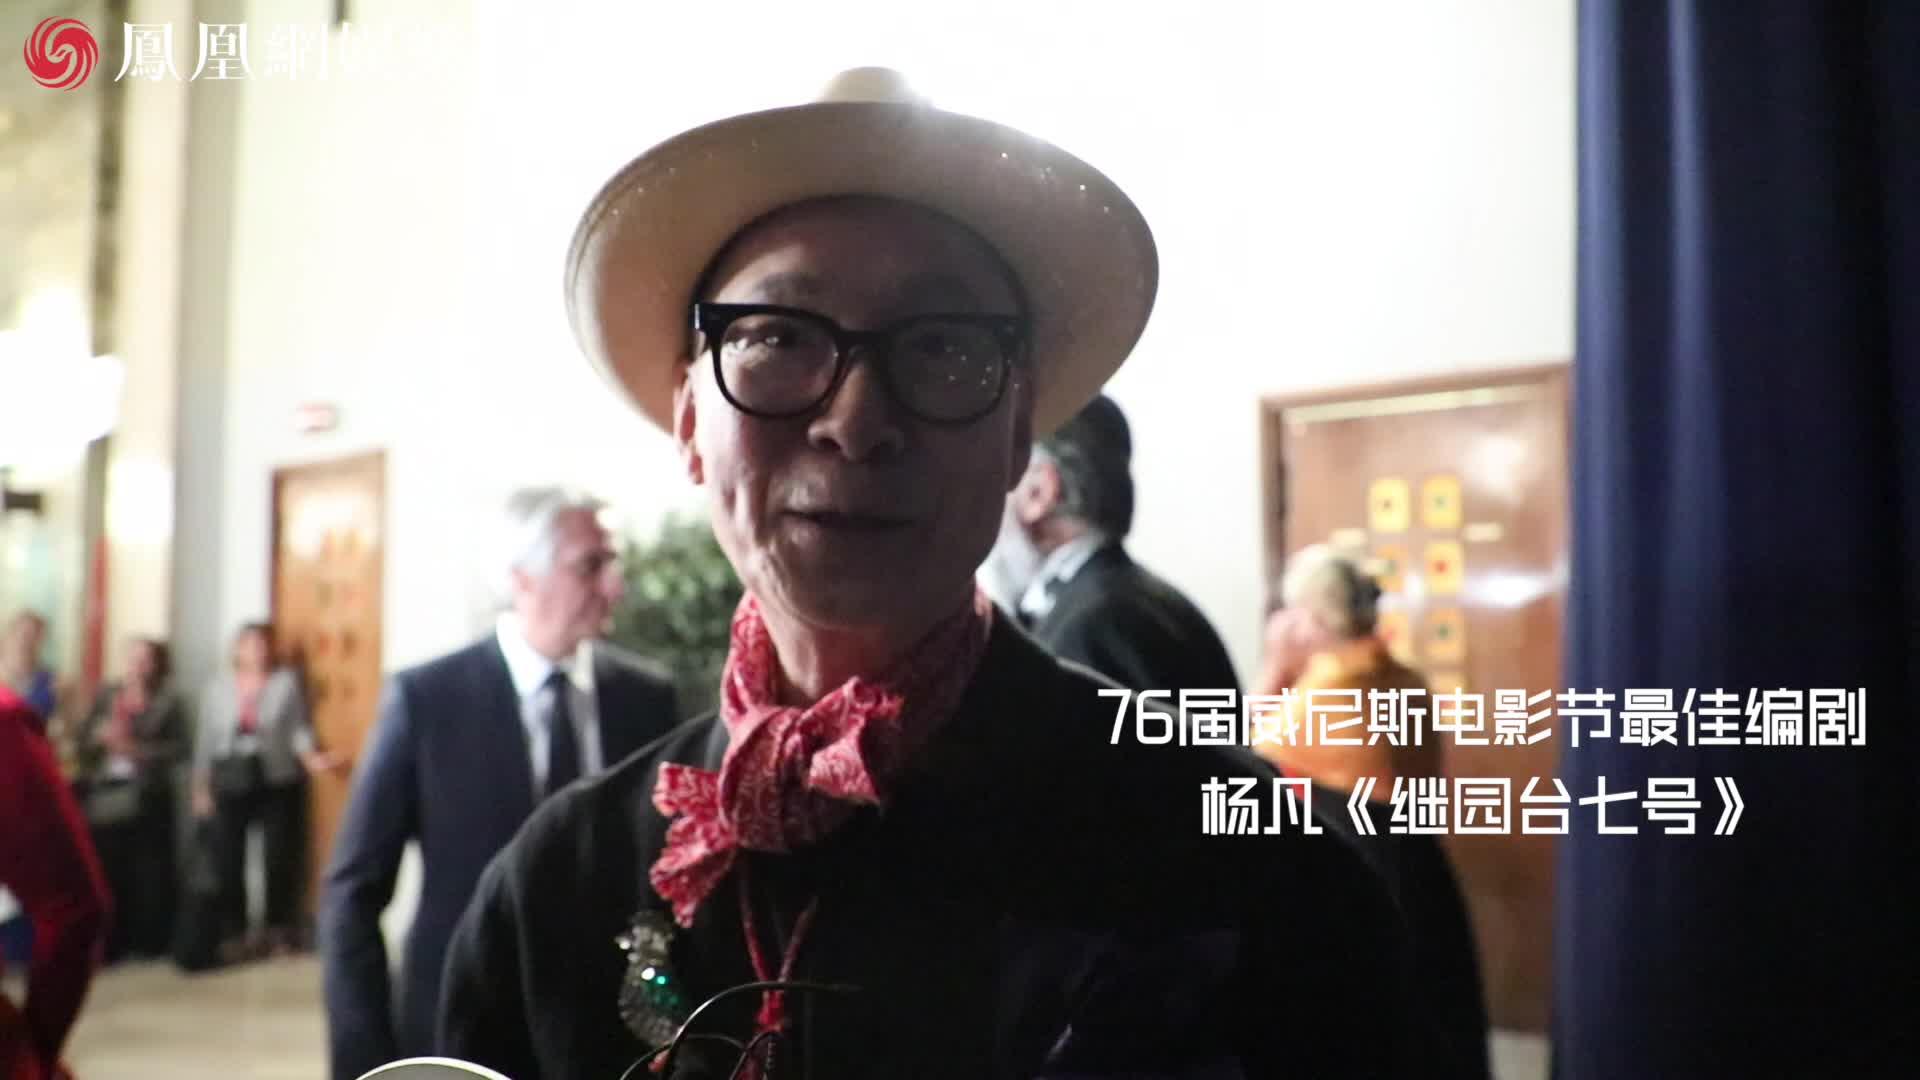 76届威尼斯电影节获奖者采访:杨凡《继园台七号》获最佳编剧